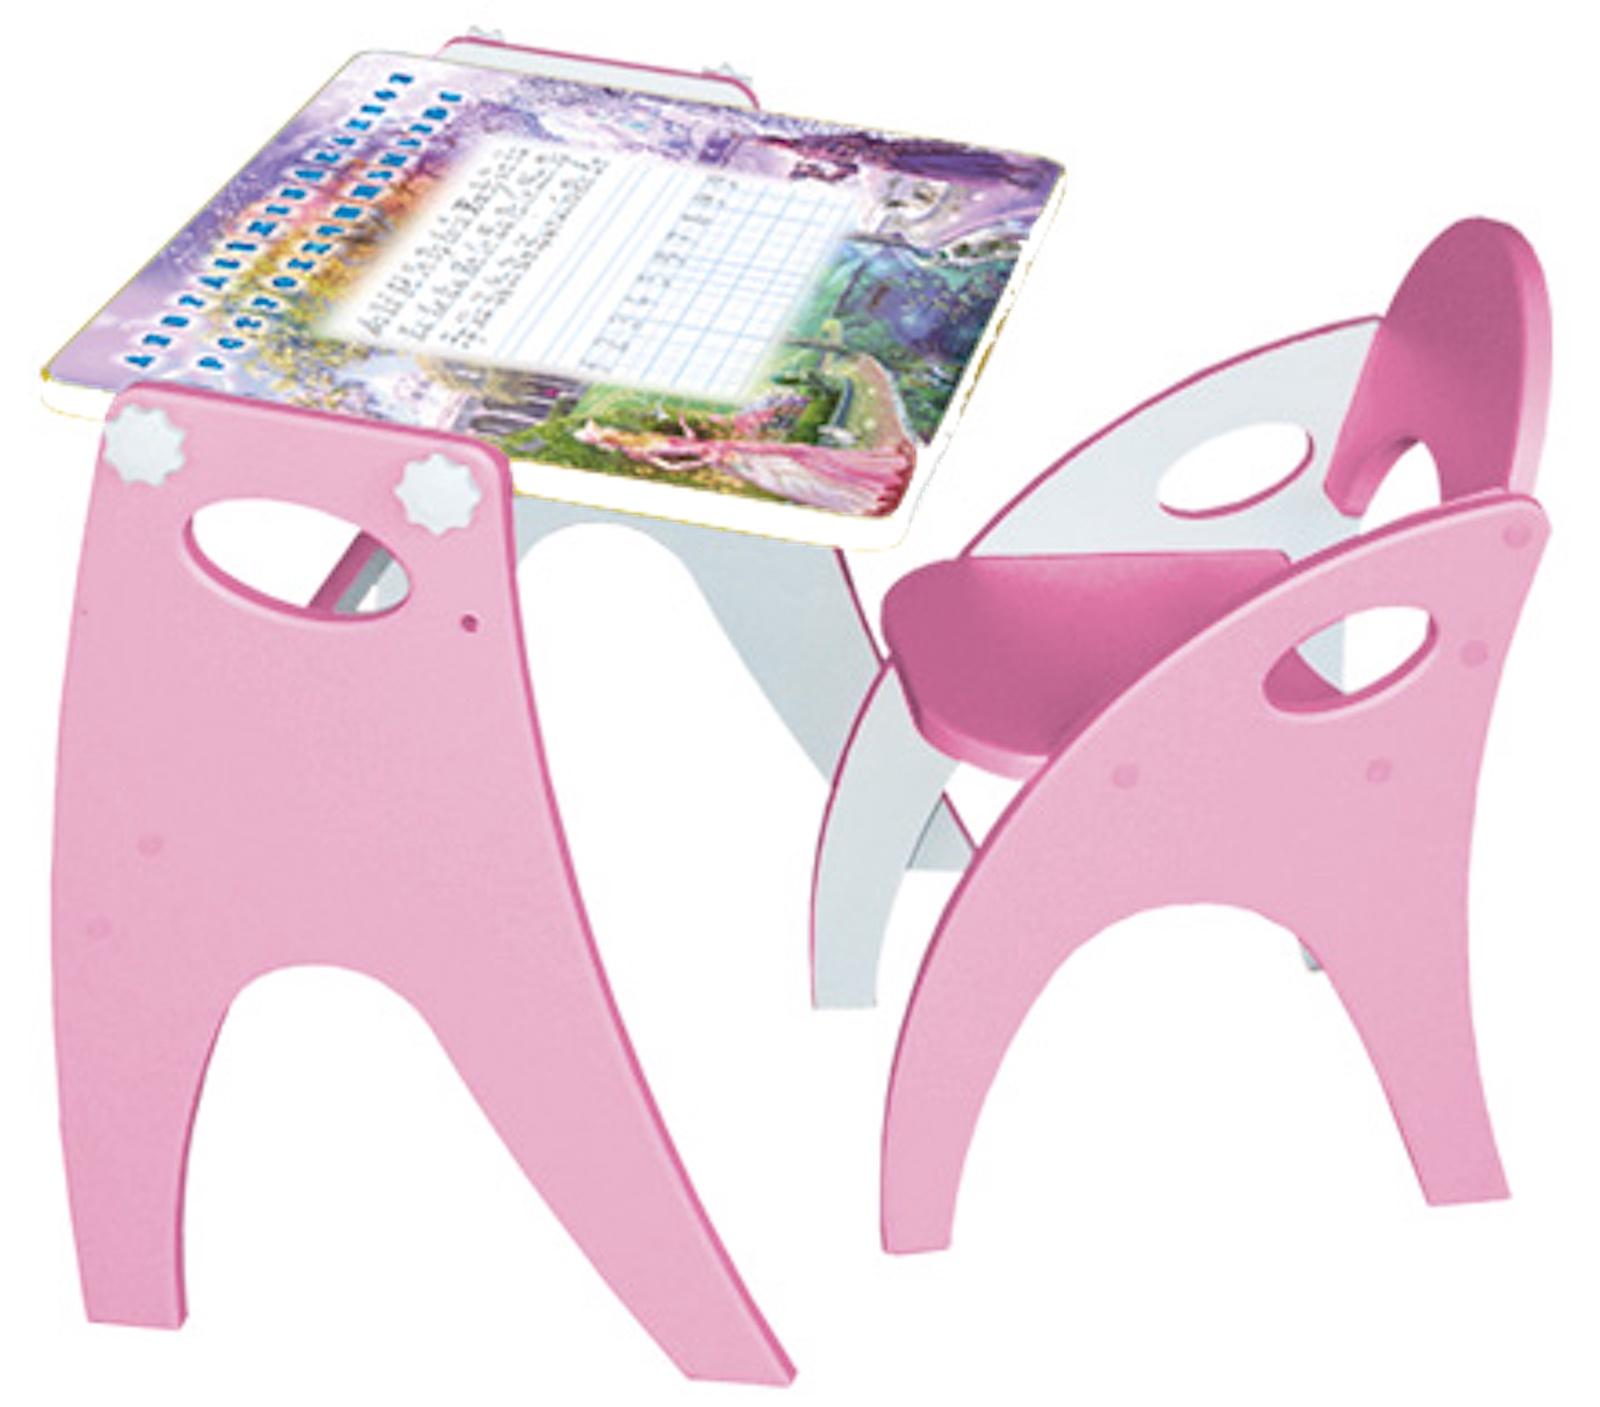 Набор детской мебели Интехпроект ТРАНСФОРМЕР, розовый набор детской мебели интехпроект трансформер розовый